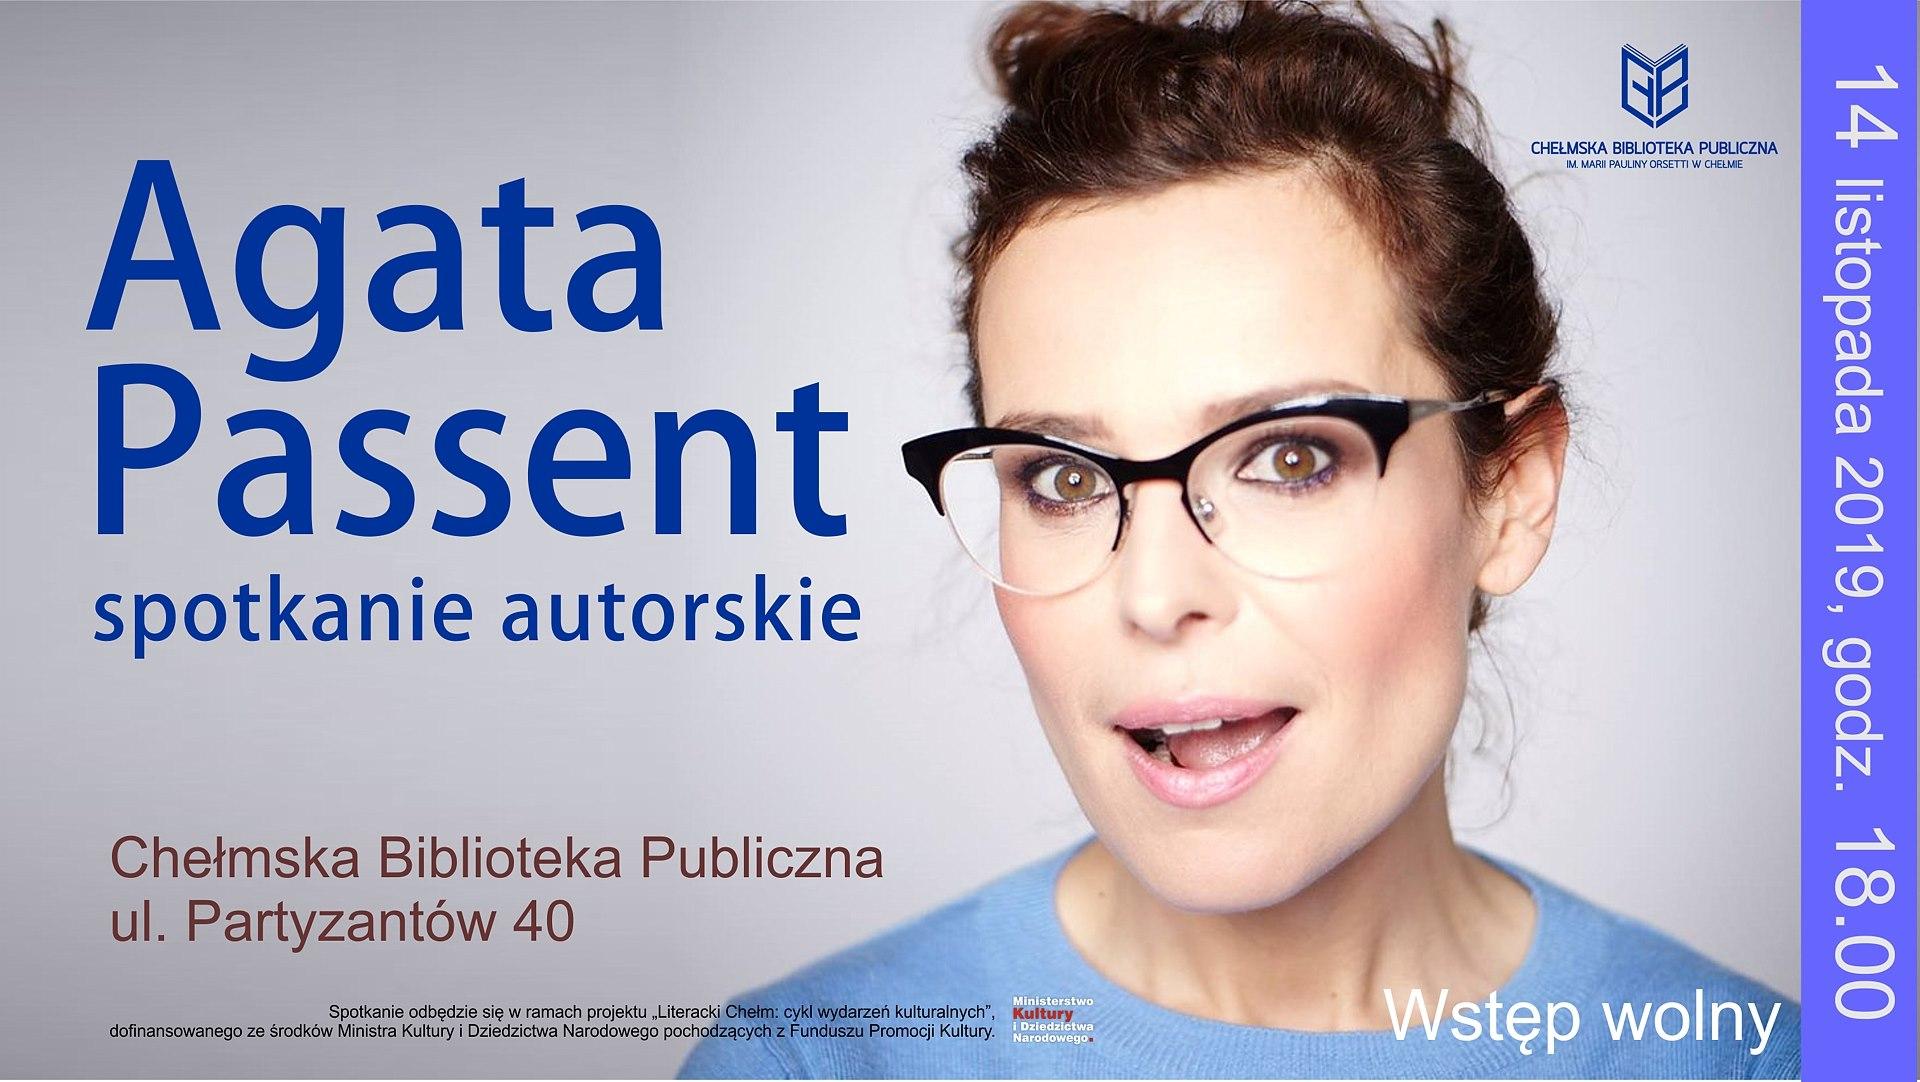 Agata Passent w chełmskiej bibliotece